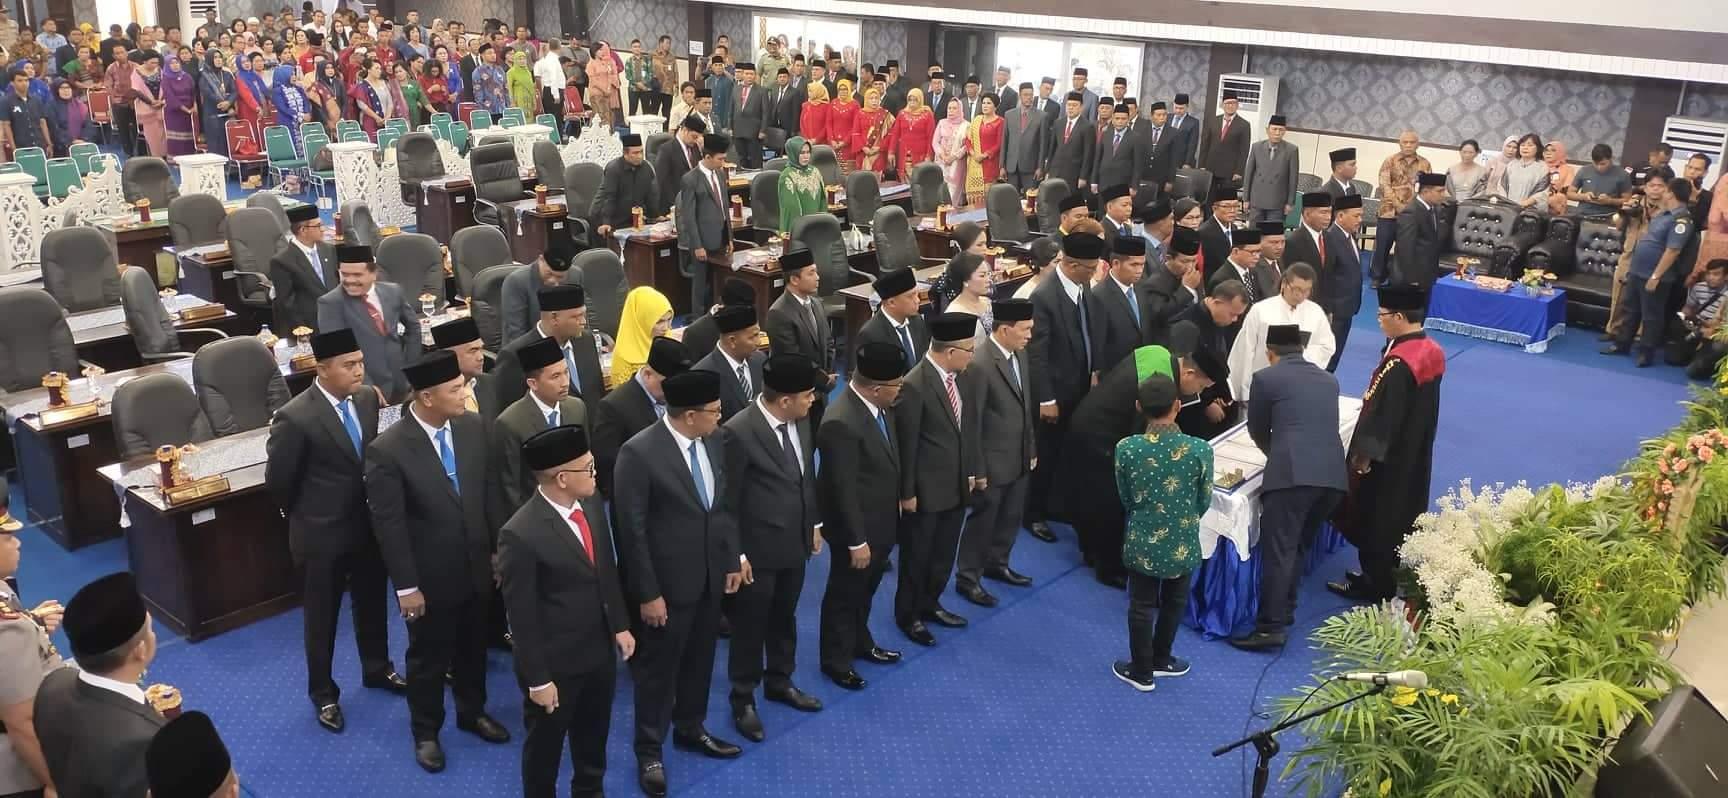 Anggota DPRD Tapteng Periode 2020-2025 Resmi Dilantik, Khairul Kiyedi Pasaribu Ketua Sementara